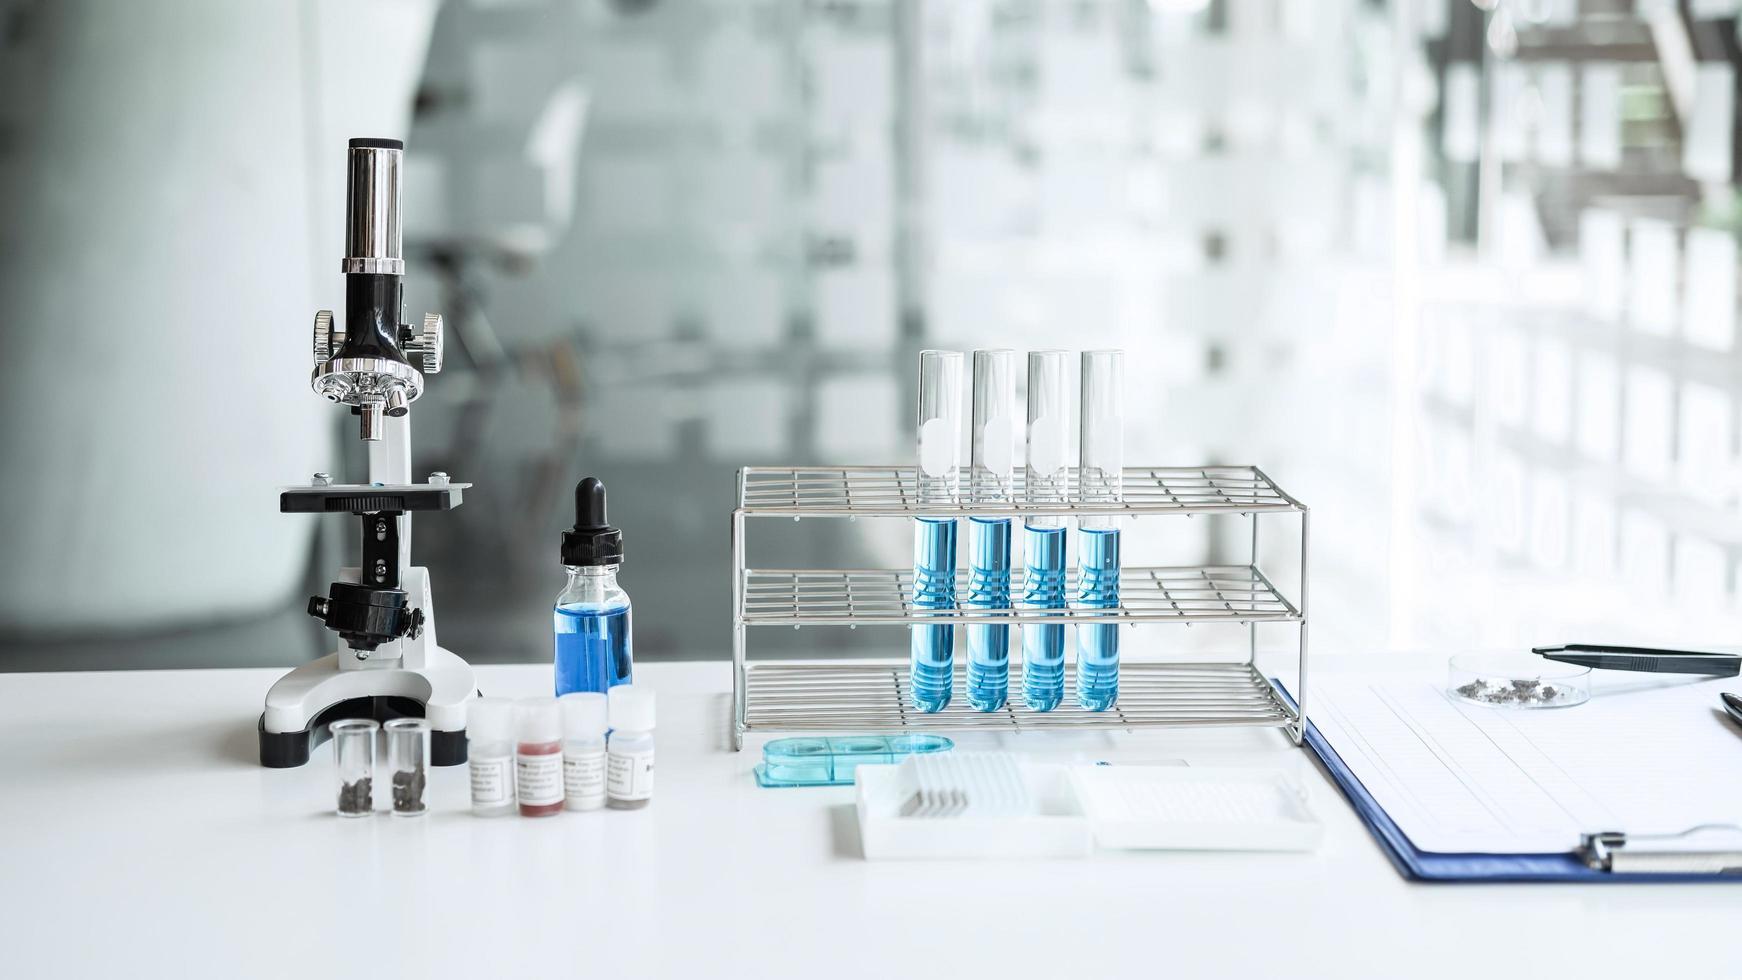 een zicht op een wetenschappelijk laboratorium foto